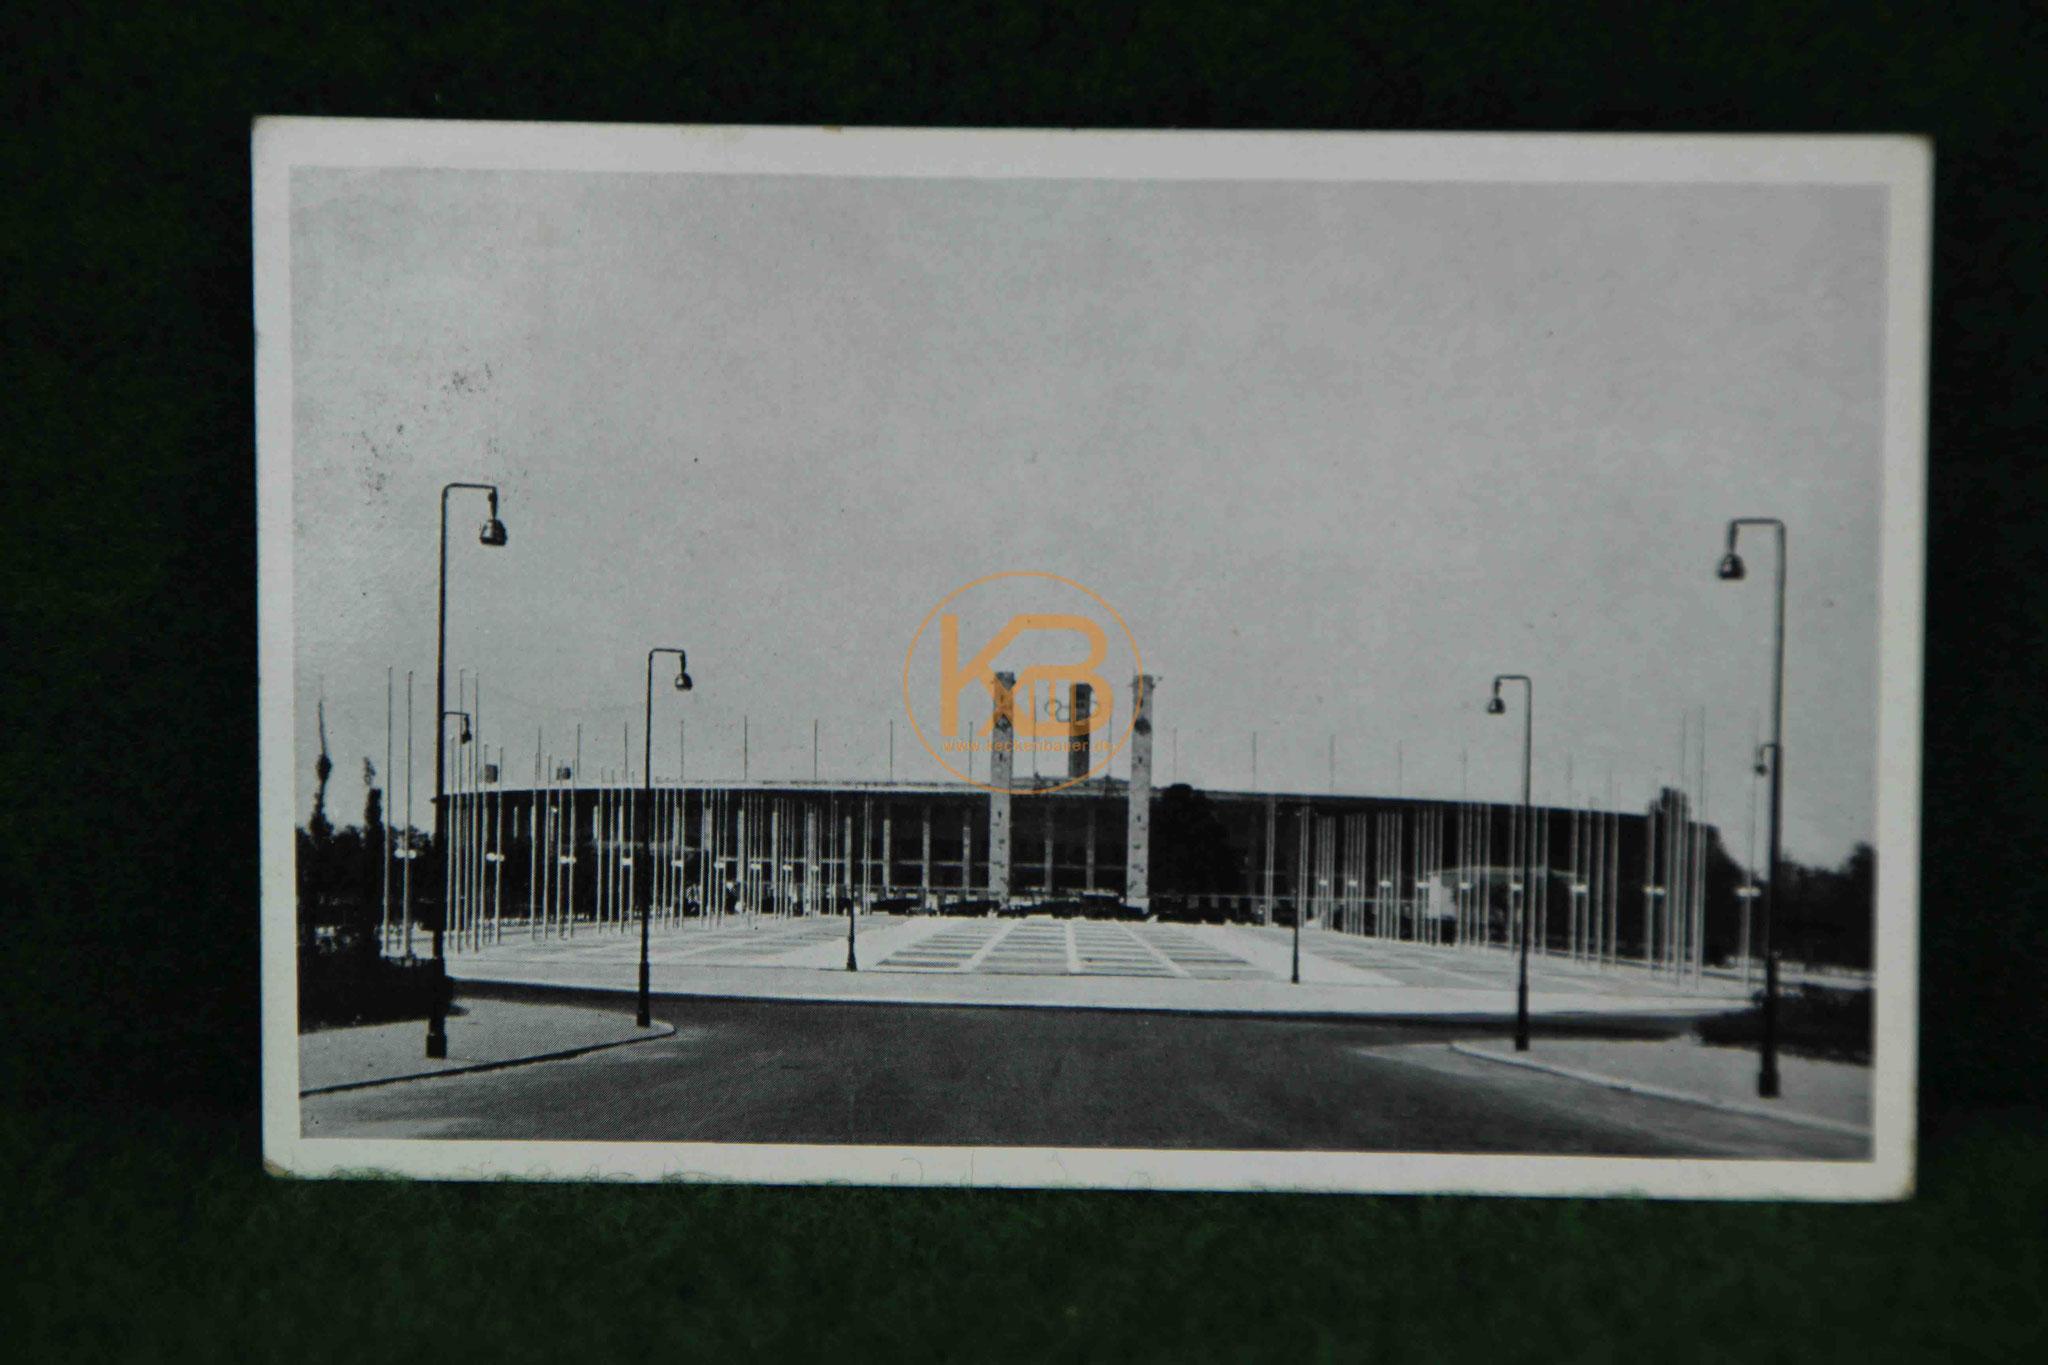 Postkarte vom Berliner Olympiastadion aus dem Jahr 1938 anläßlich der des Finals der deutschen Meisterschaft zwischen Hannover96 und Schalke04 sowie  dem Spiel einer deutschen Auswahlmannschaft gegen  Aston Villa 1/2